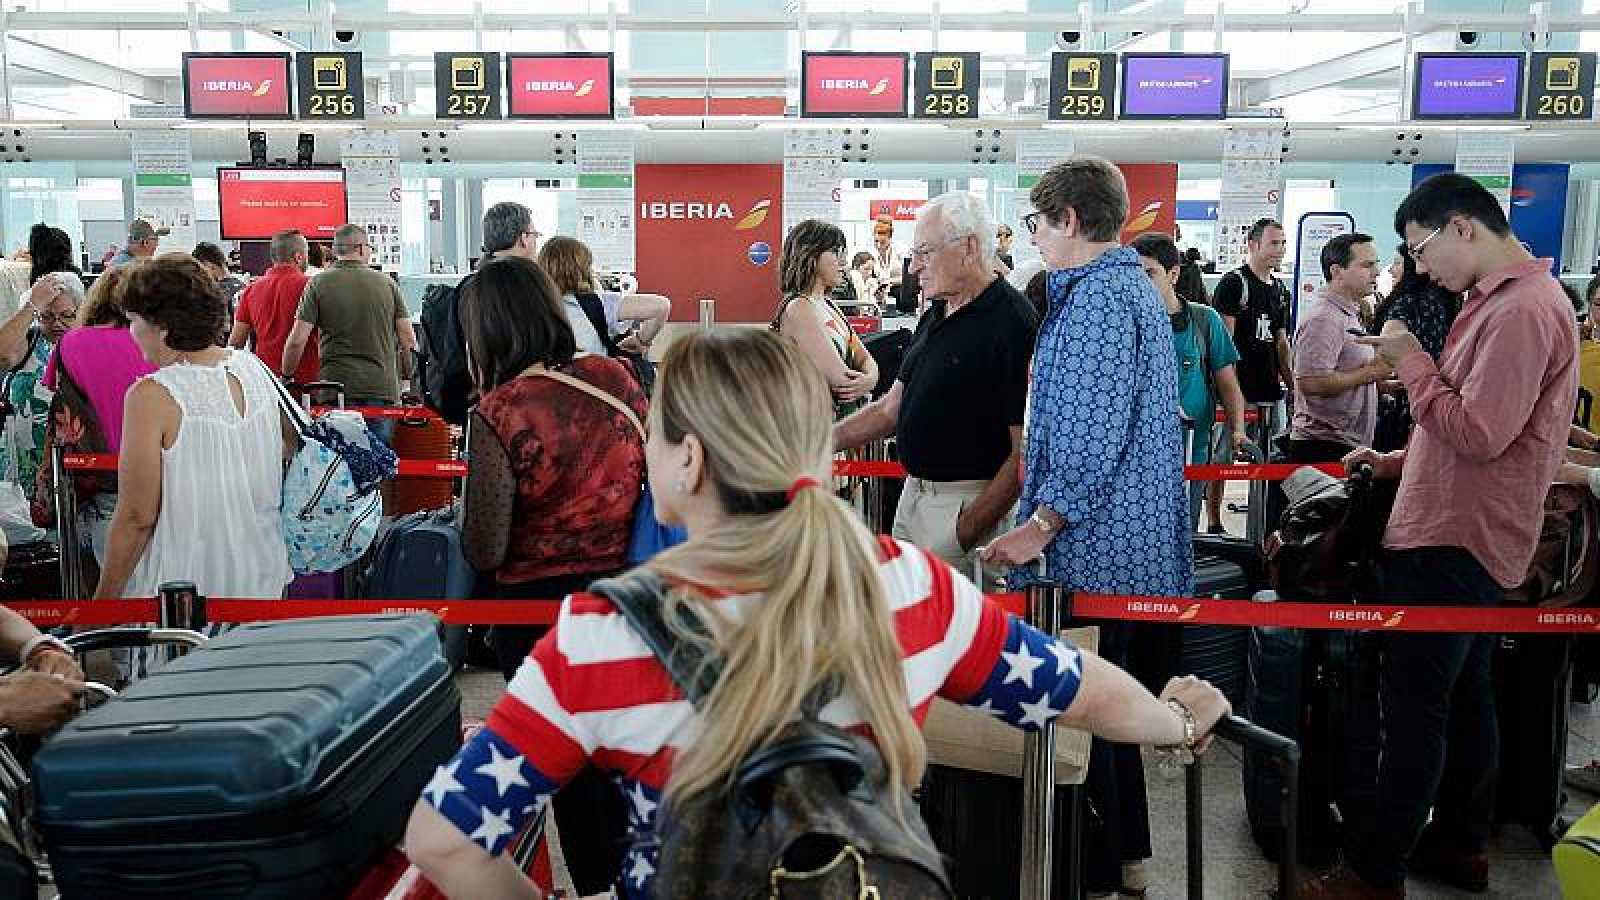 Atrapats pels bons de viatges de les aerolínies